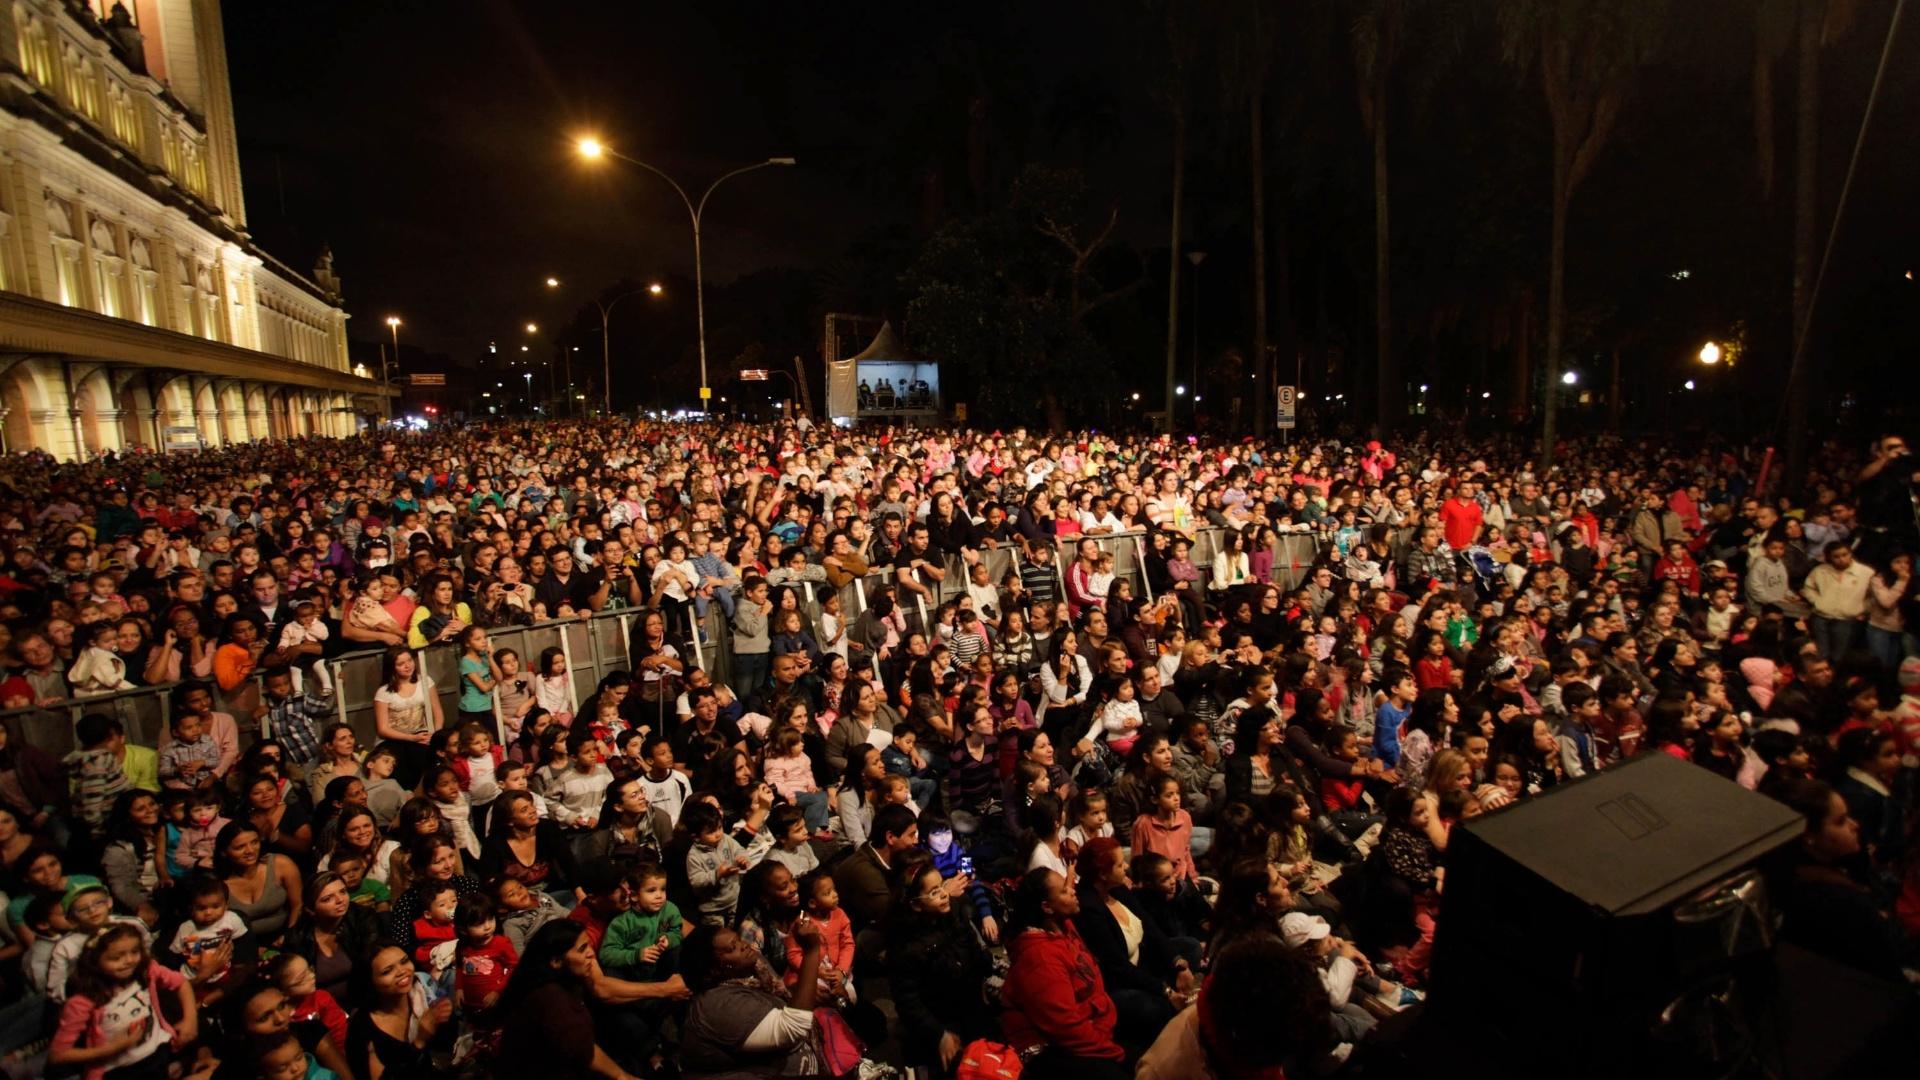 18.mar.2013 - Público acompanha apresentação do Palavra Cantada no Palco Luz no centro de São Paulo durante a 9ª edição da Virada Cultural